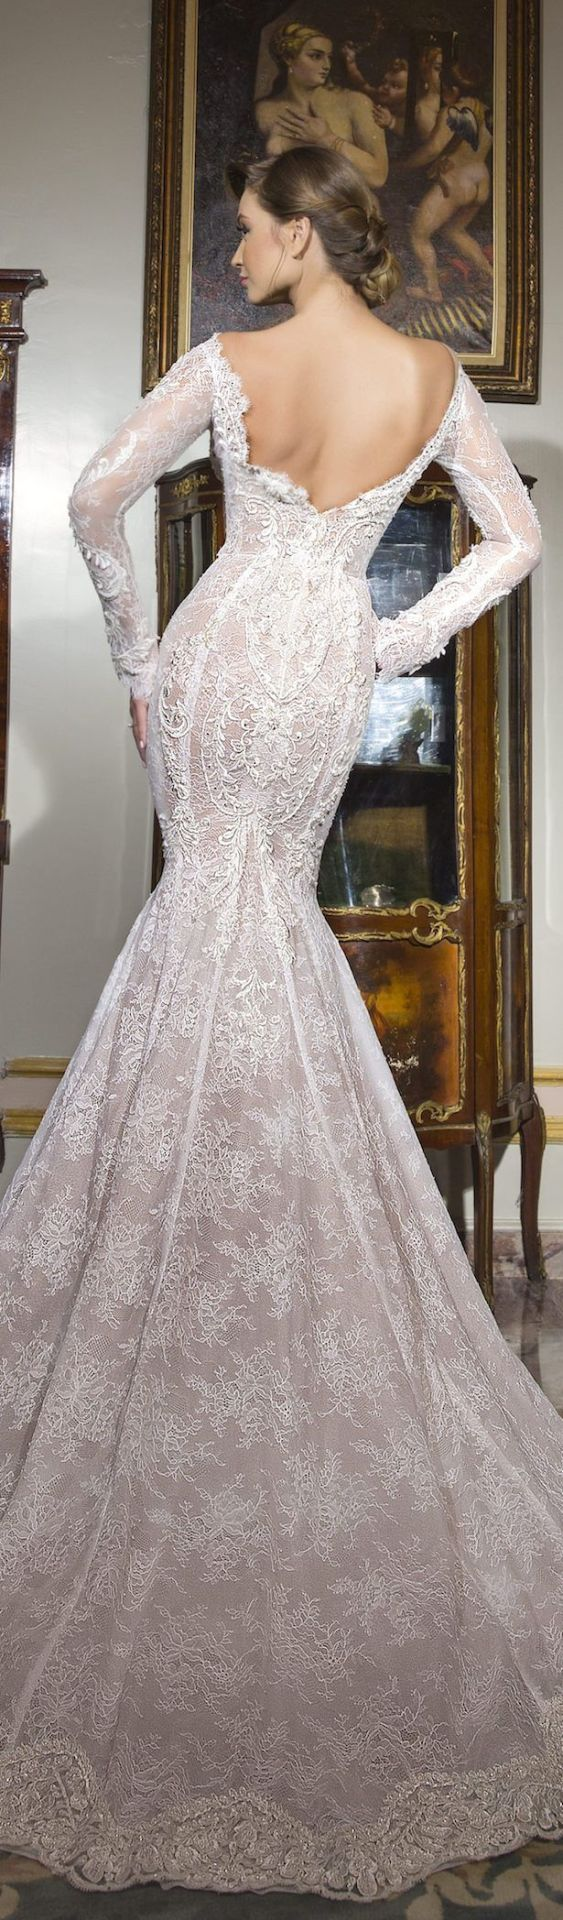 robe de mariage magnifique pas chere dans le 56